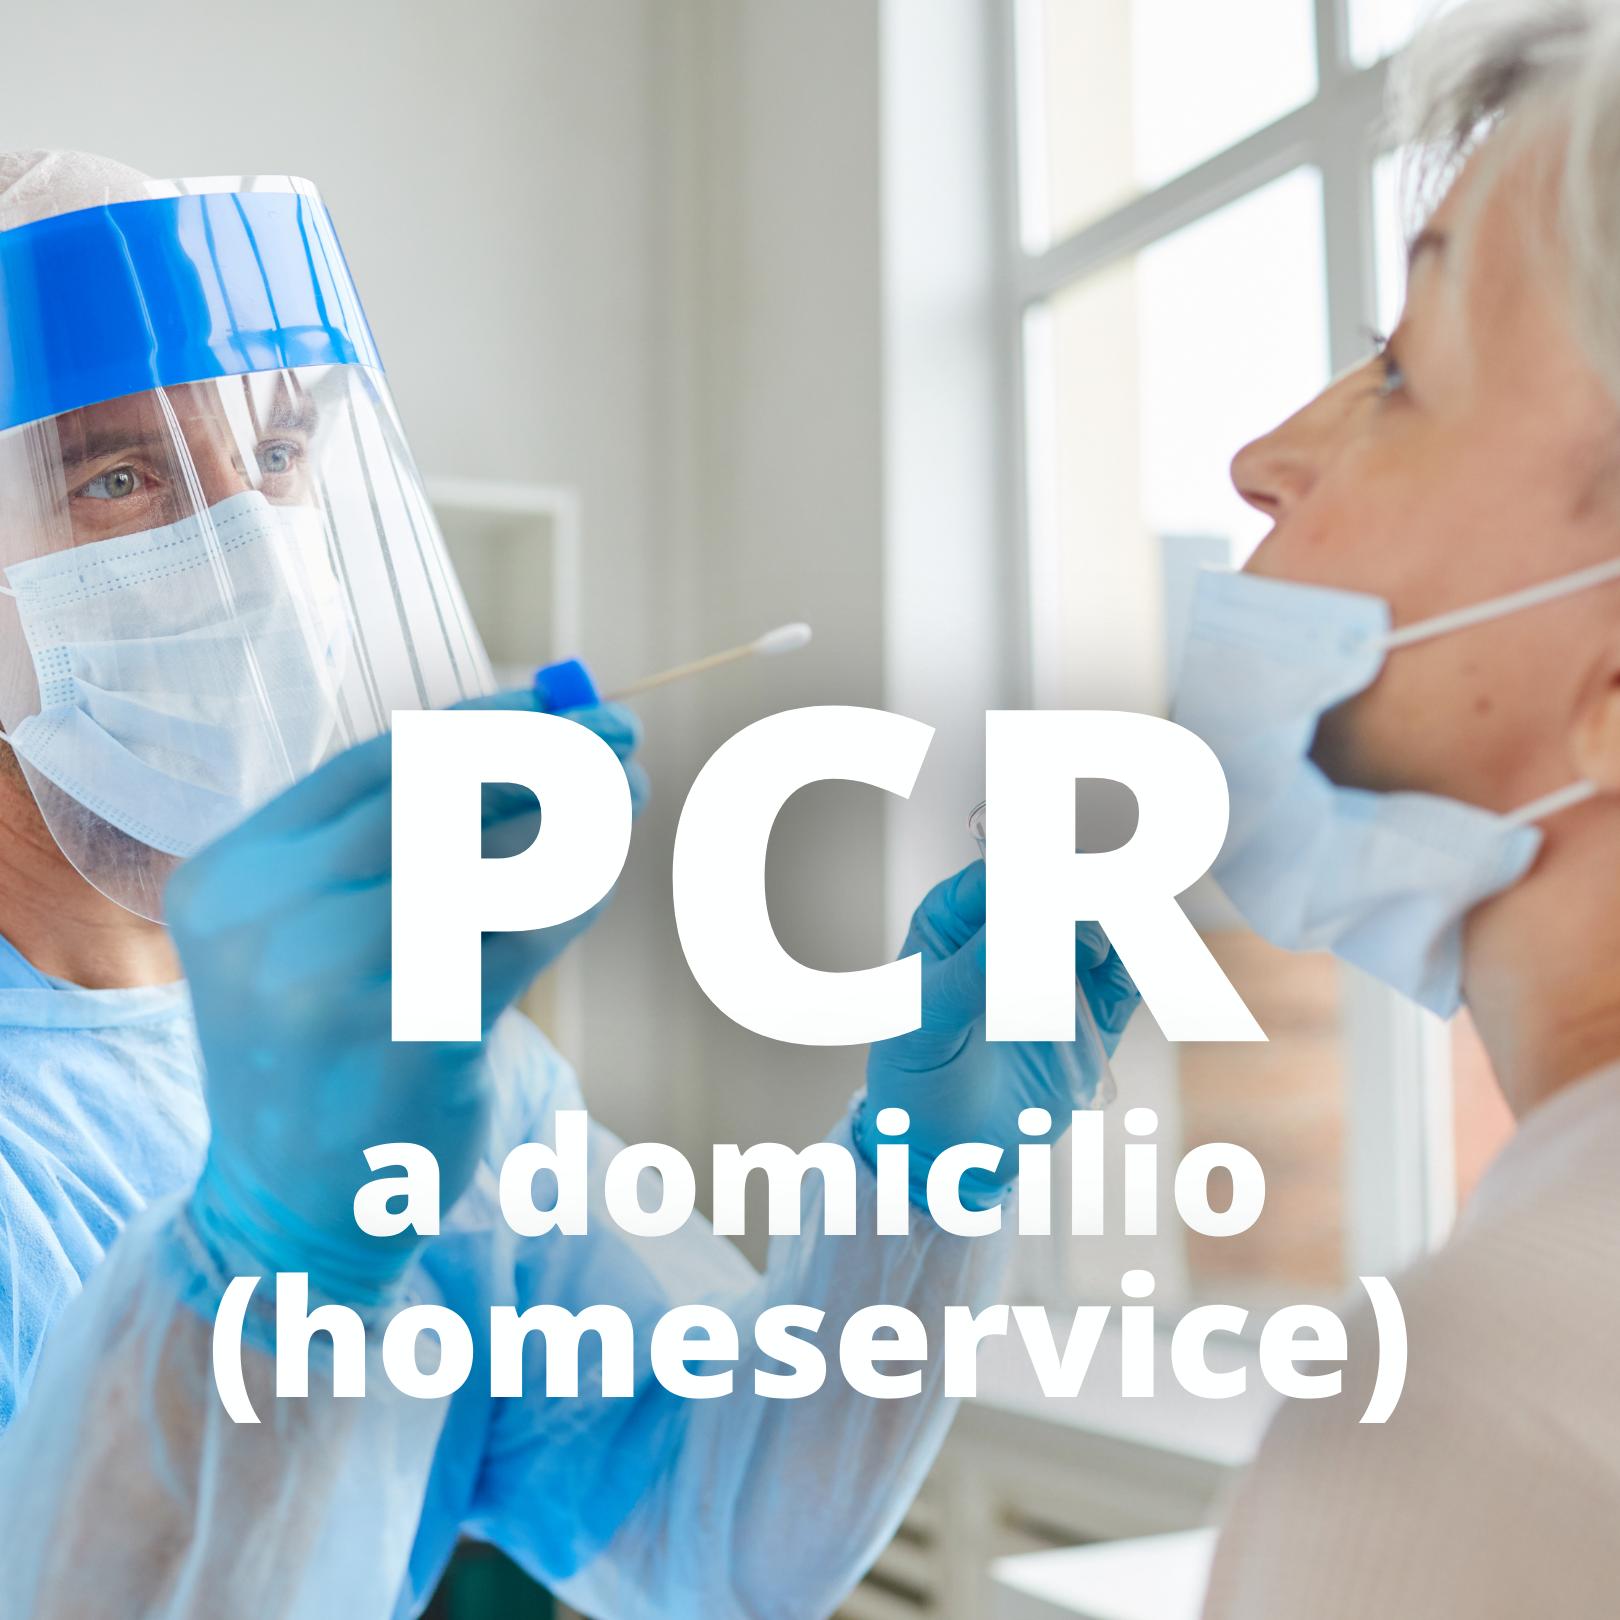 PCR a Domicilio/Hotel (Homeservice)